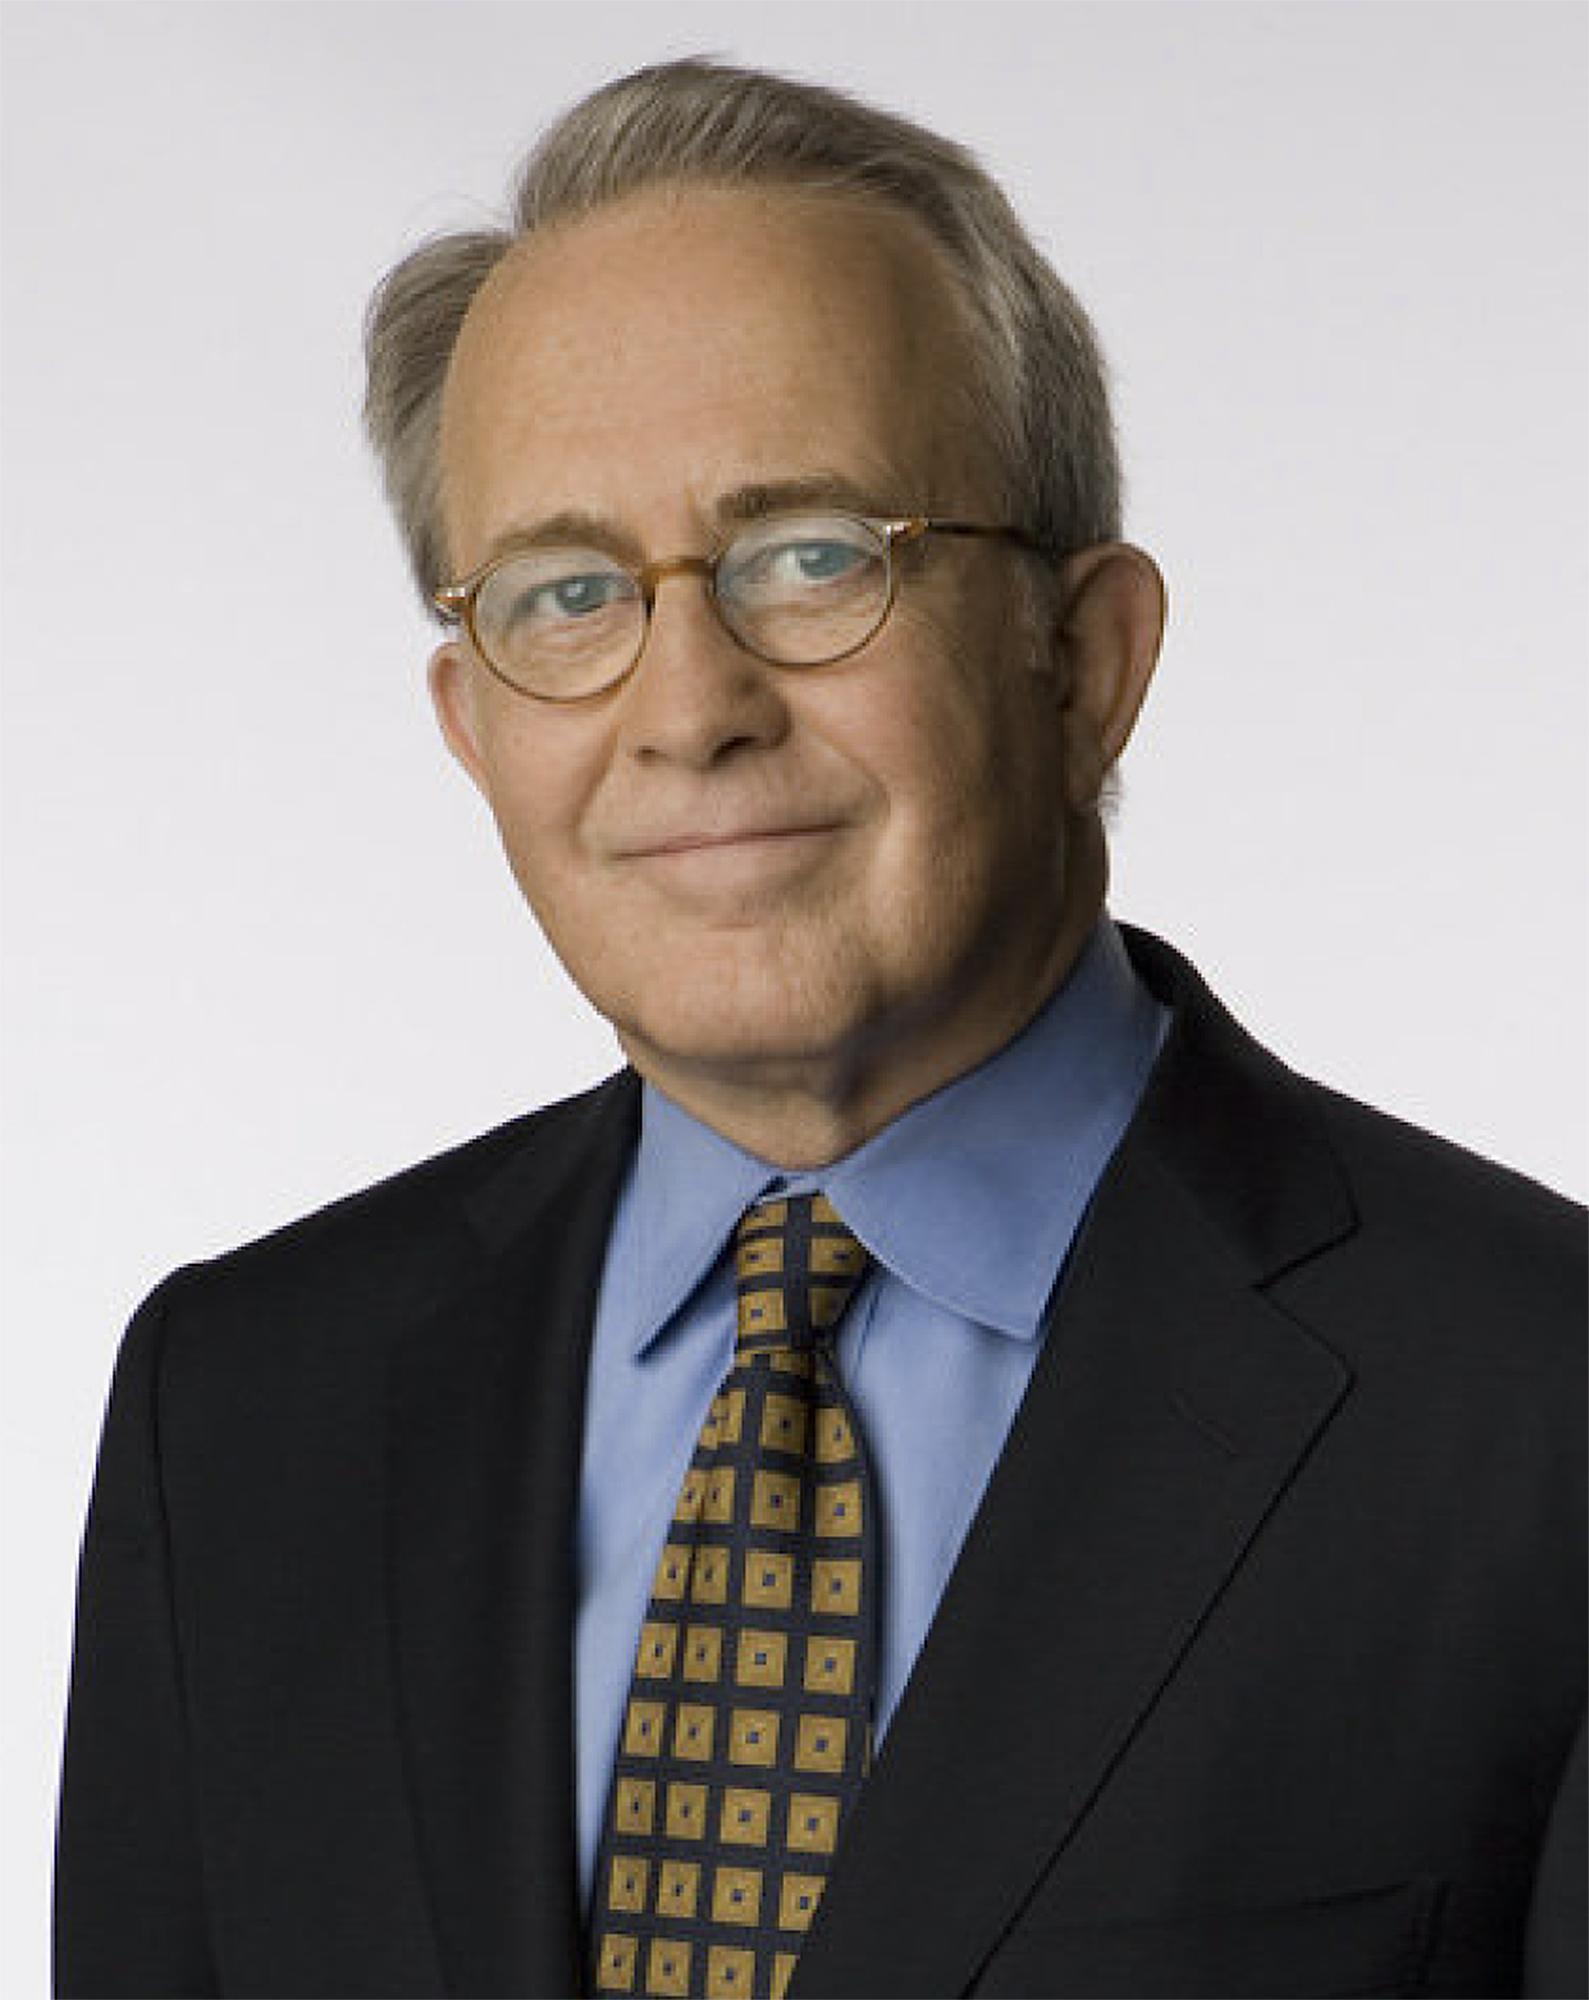 Hank Plante